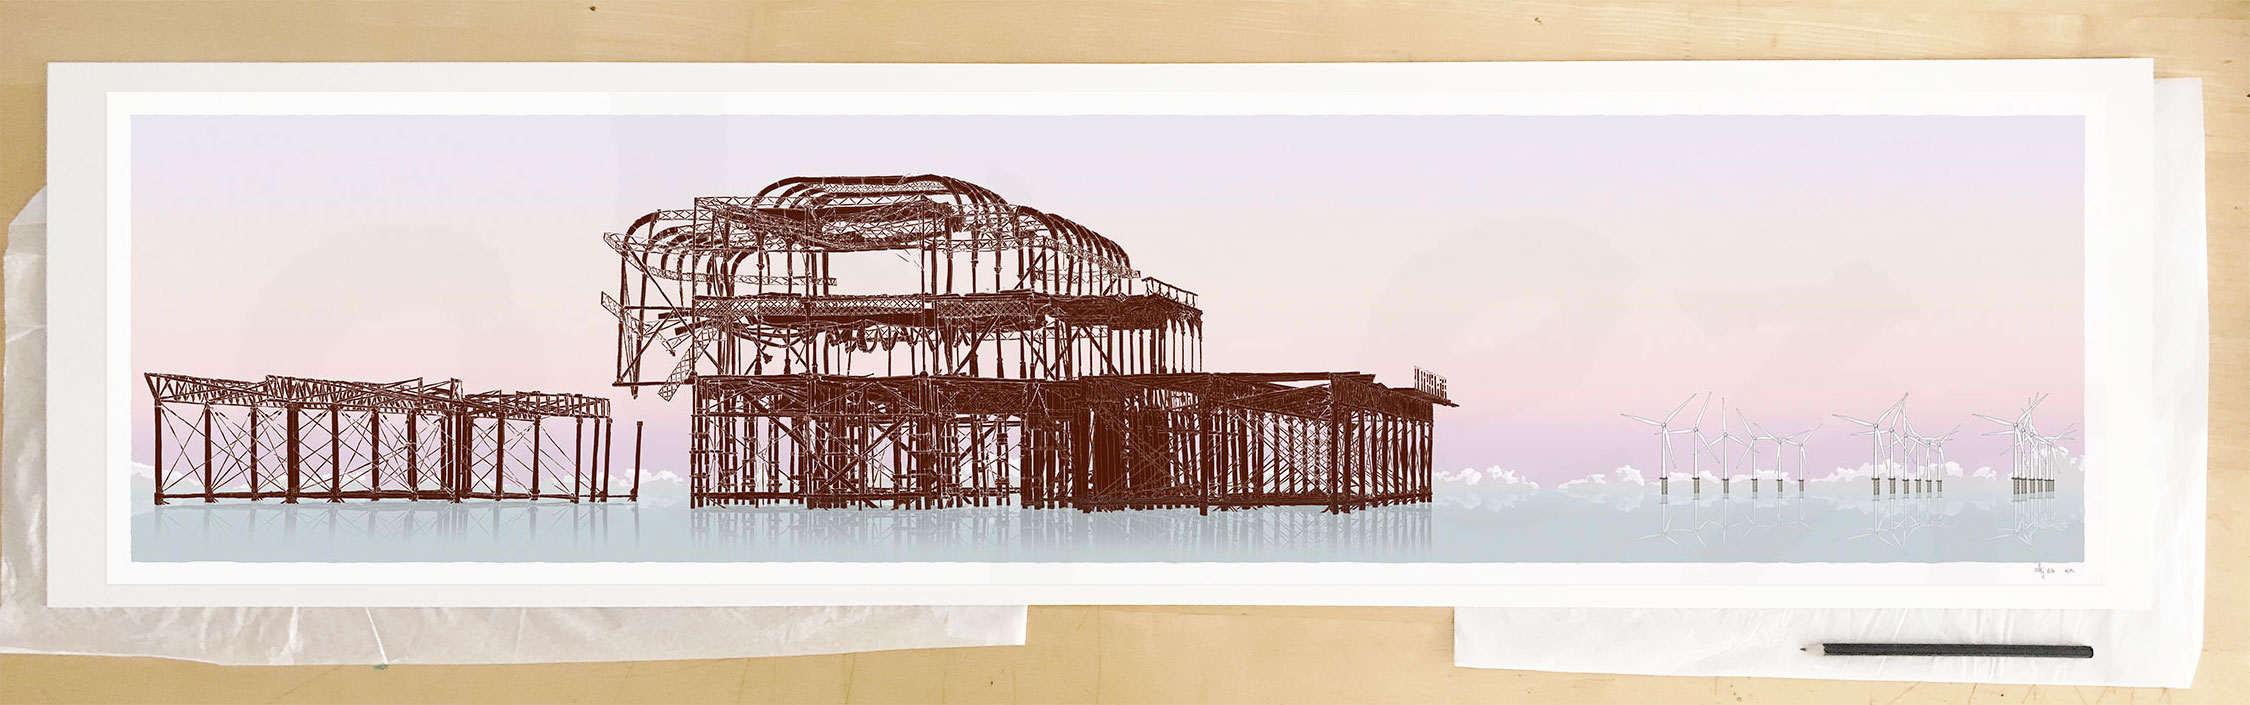 Fine art print by UK artist alej ez titled West Pier Rampion Wind Farm Eventide